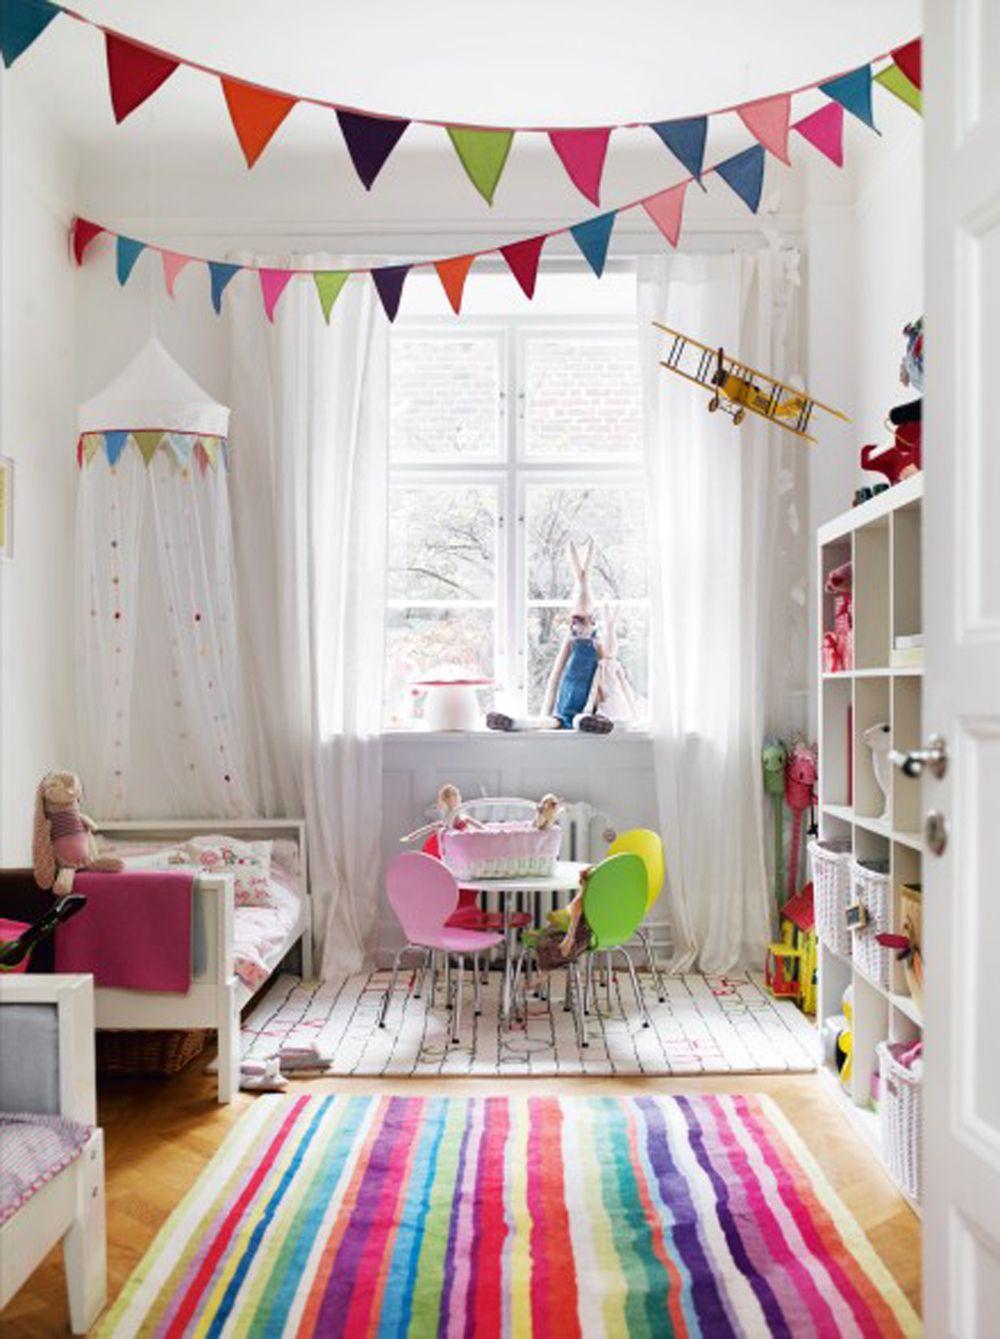 girlande | Kinderzimmer | Pinterest | Girlanden, Kinderzimmer und ... | {Spielzimmer einrichten 30}